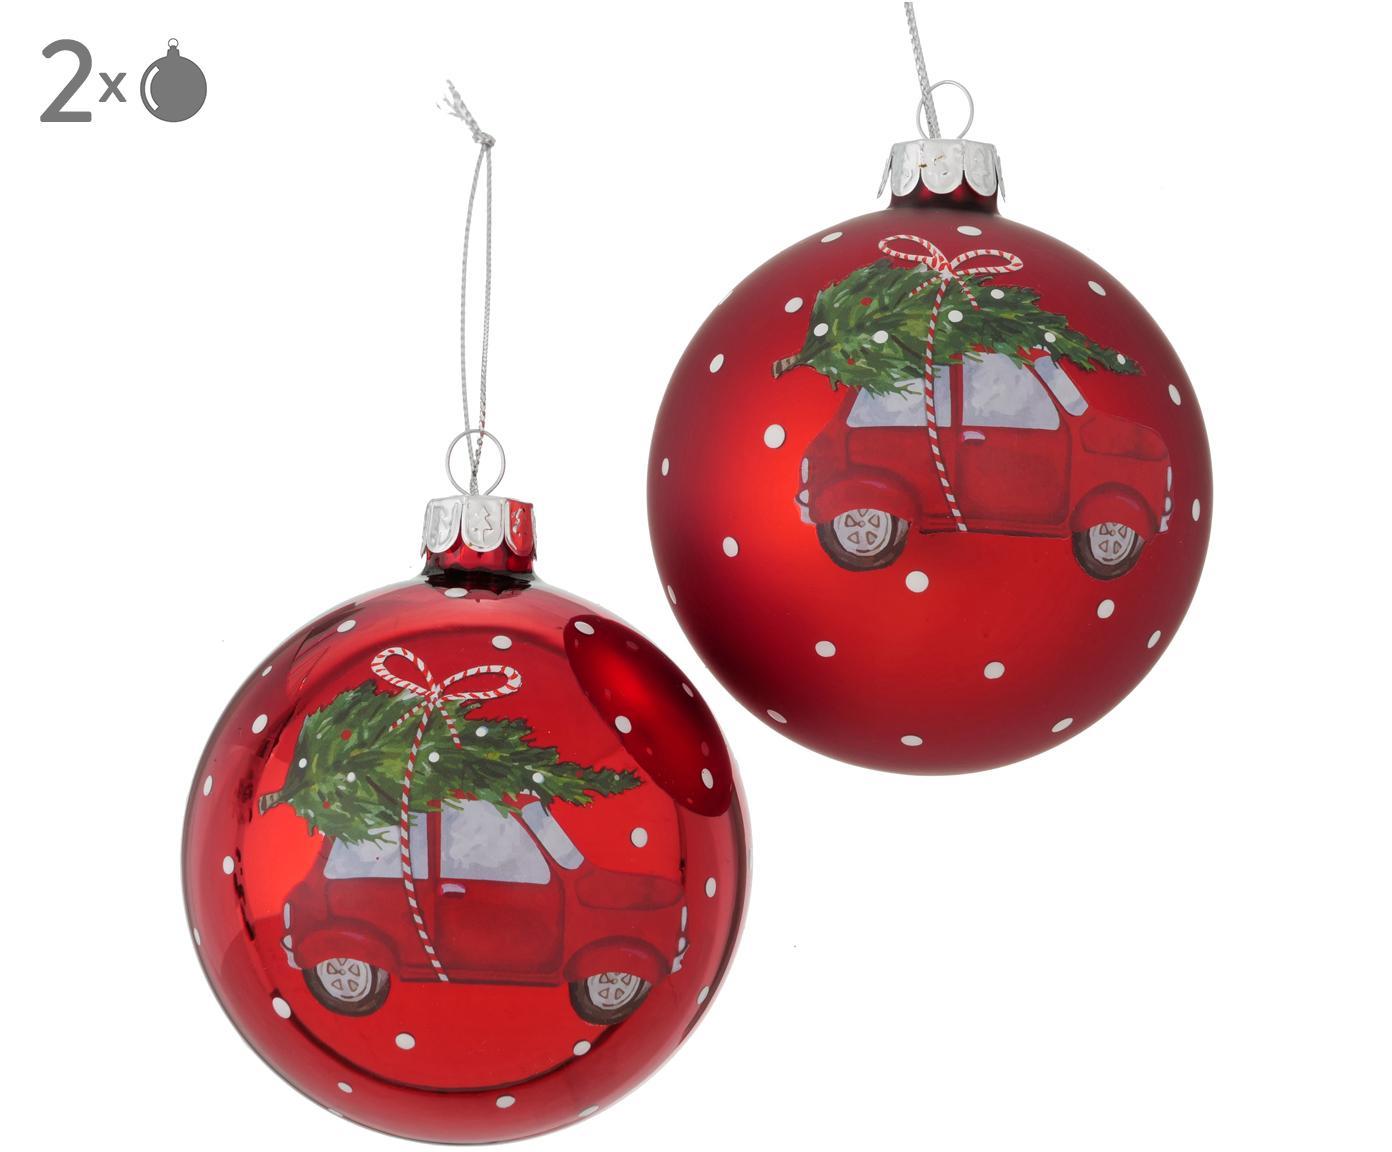 Kerstballenset Töffy, 2-delig, Rood, wit, groen, grijs, Ø 8 cm